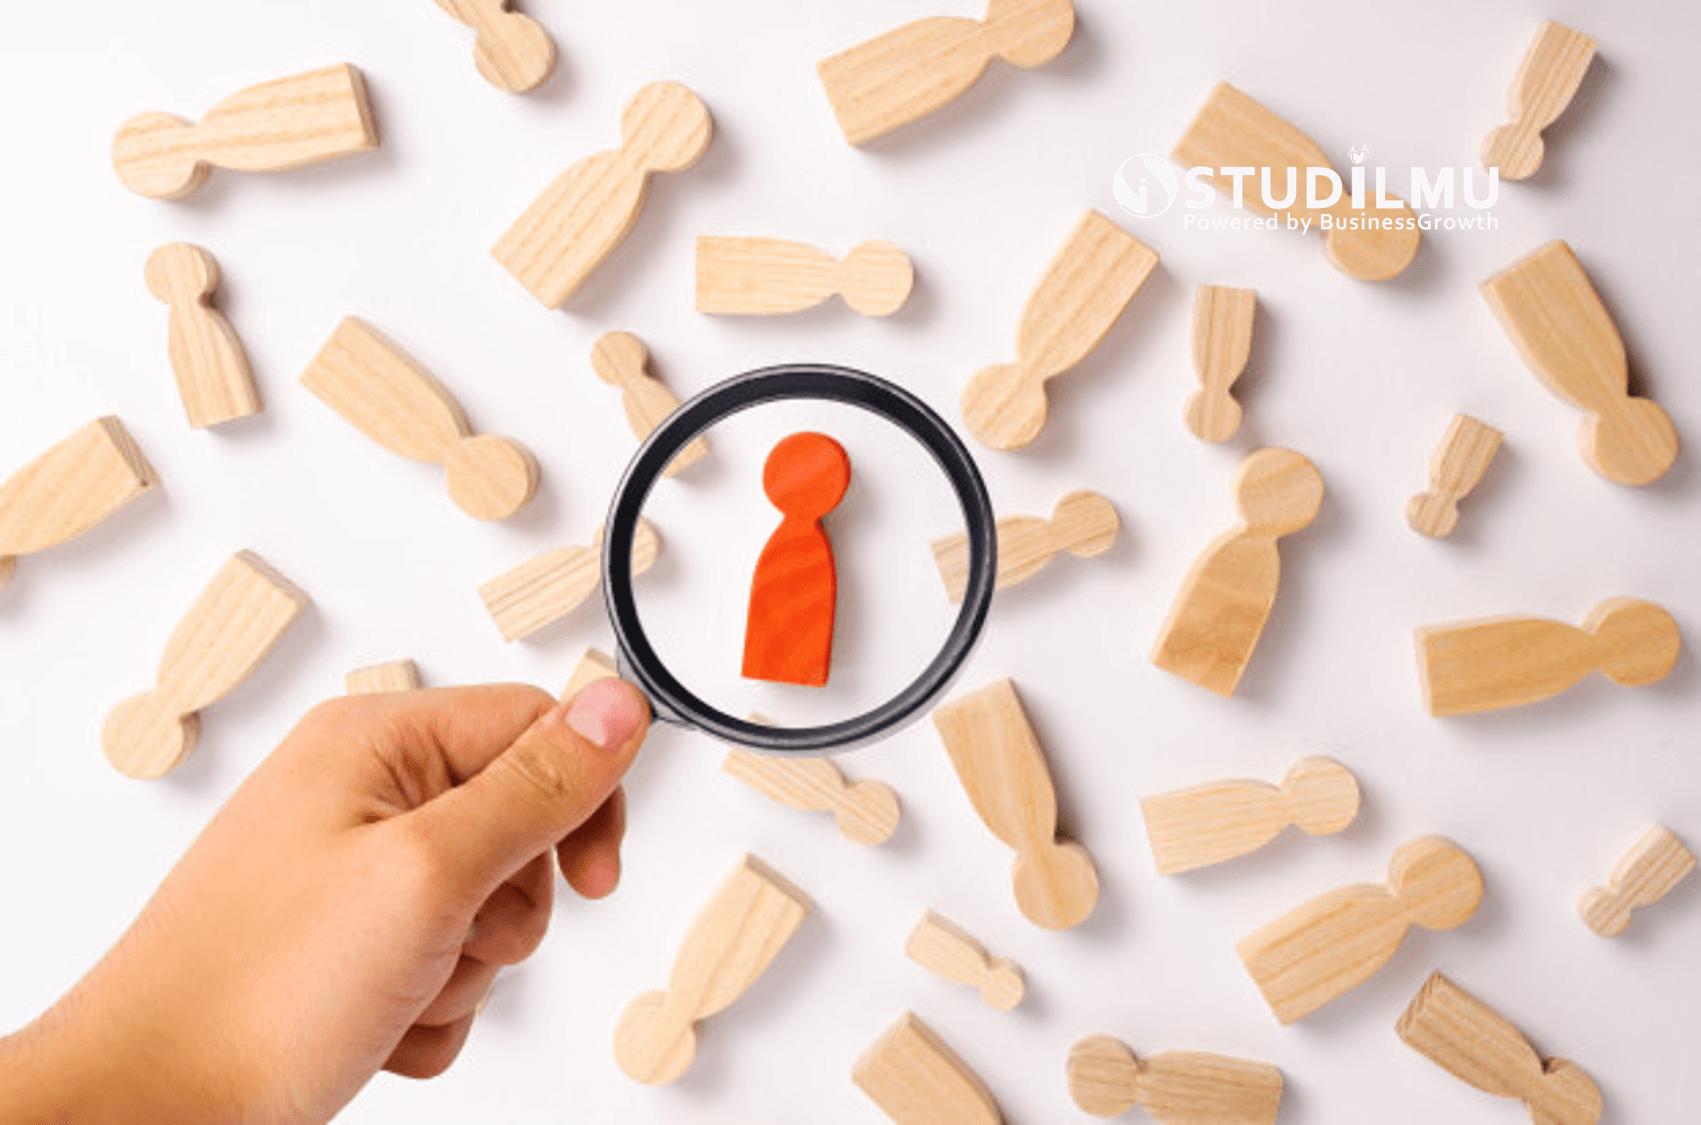 STUDILMU Career Advice - Pengertian Inklusif dan 5 Hal yang Dilakukan Pemimpin Inklusif